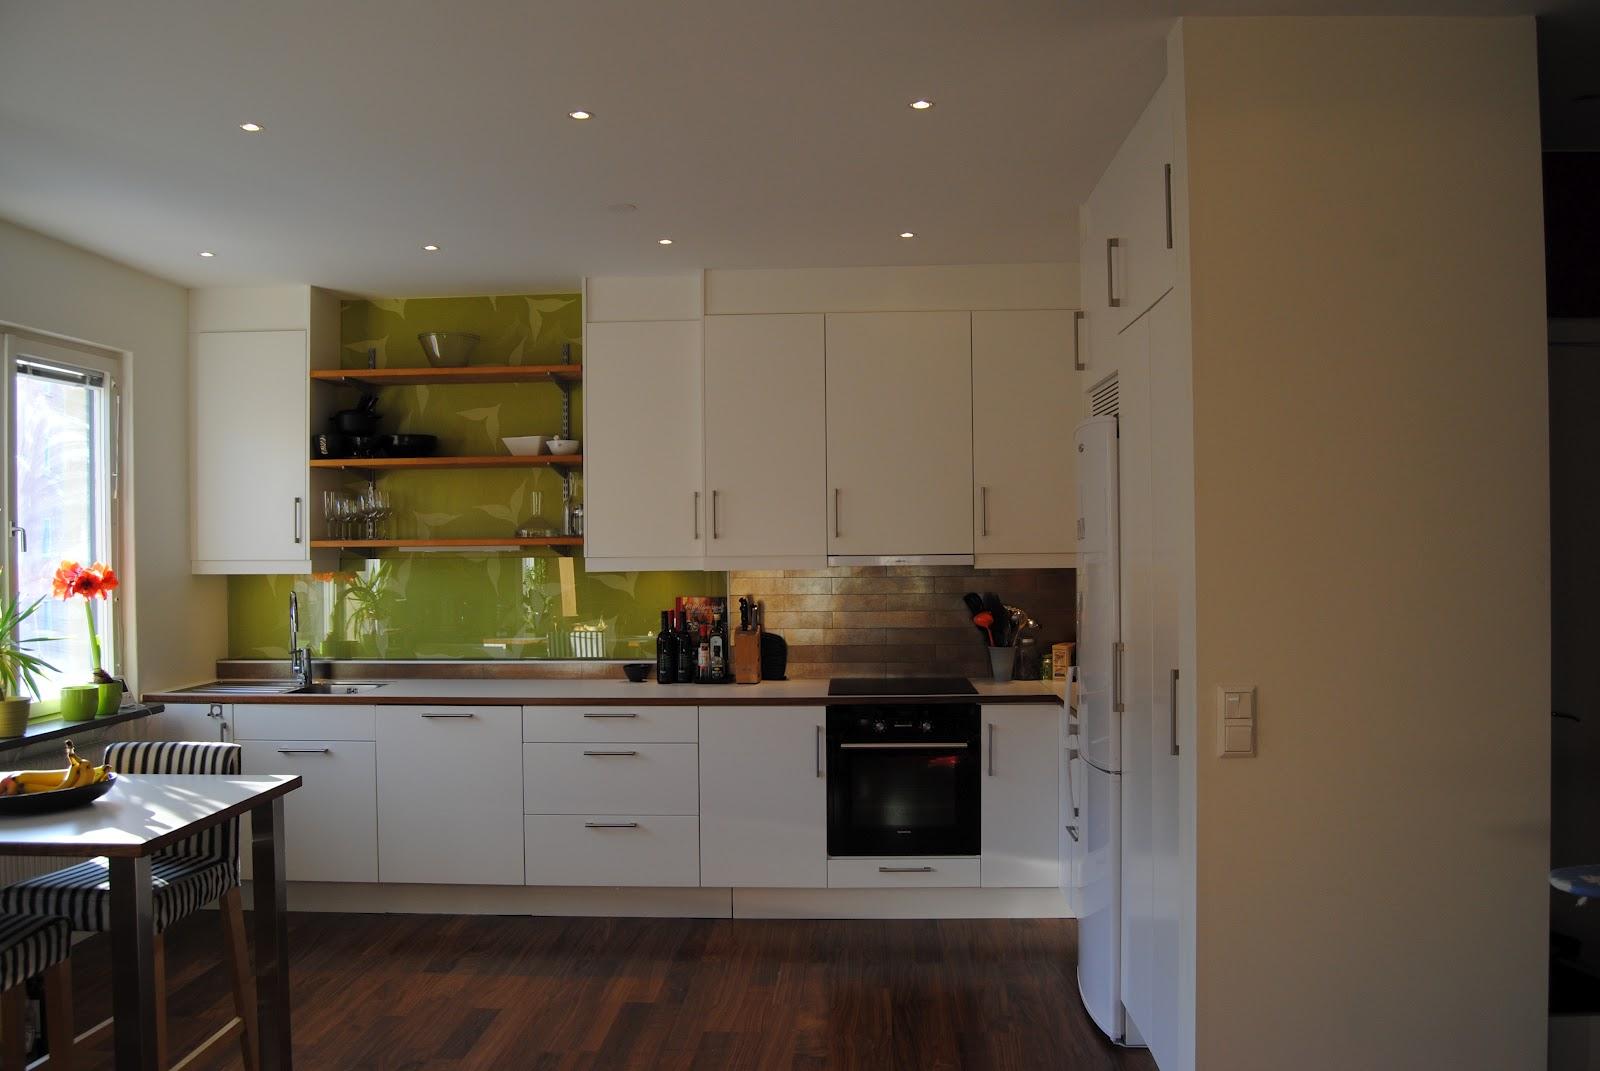 Vitt kök med färg